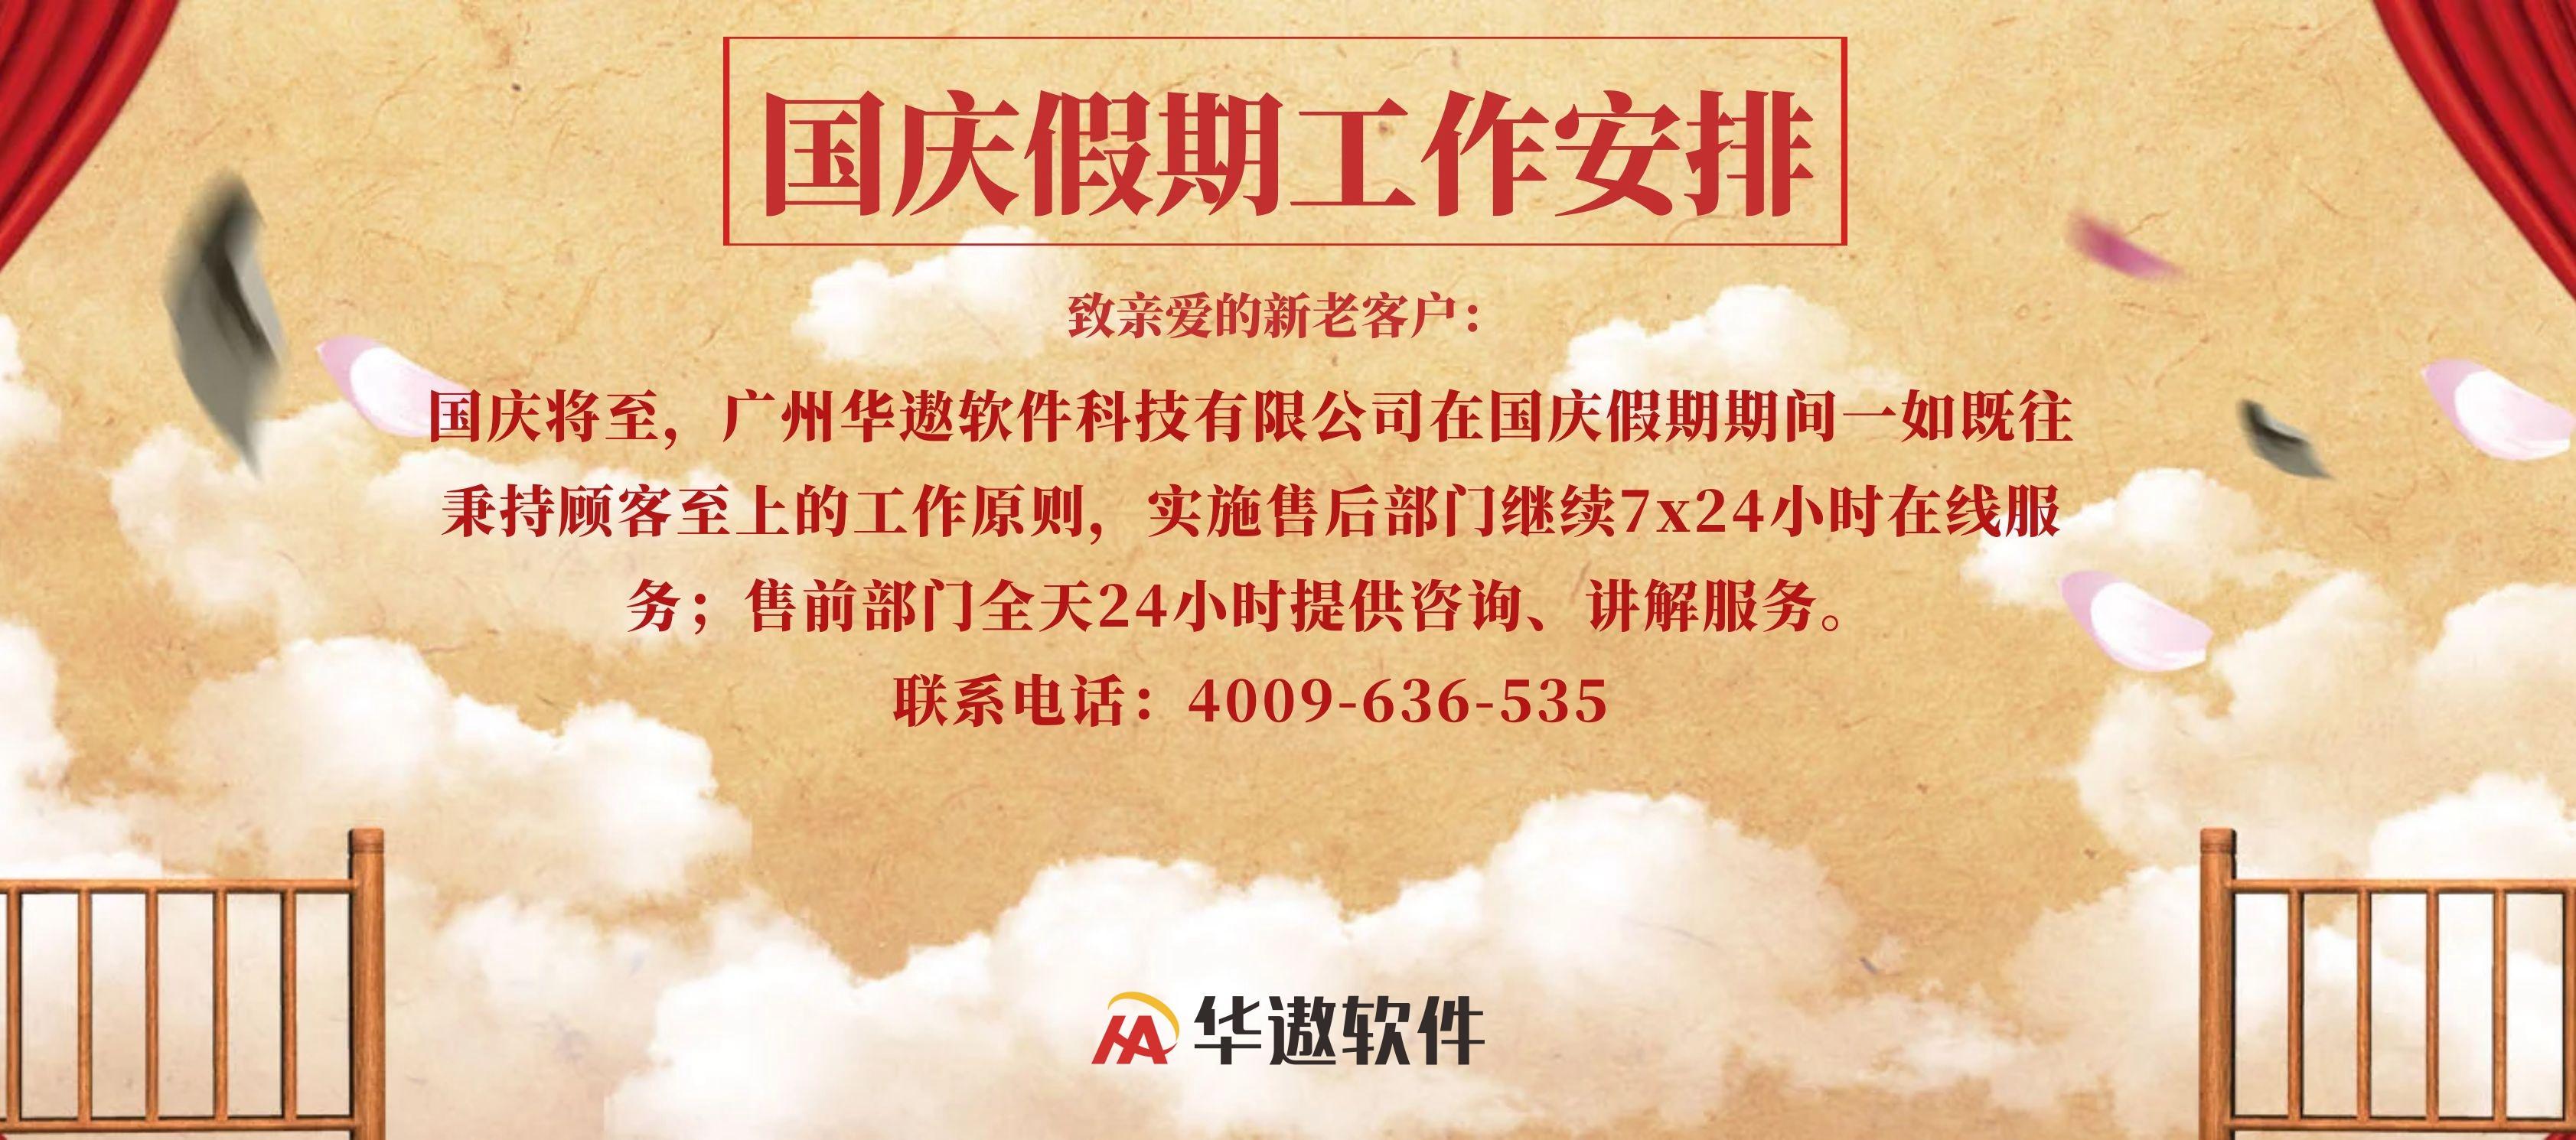 2019年广州华遨软件科技有限公司国庆工作安排